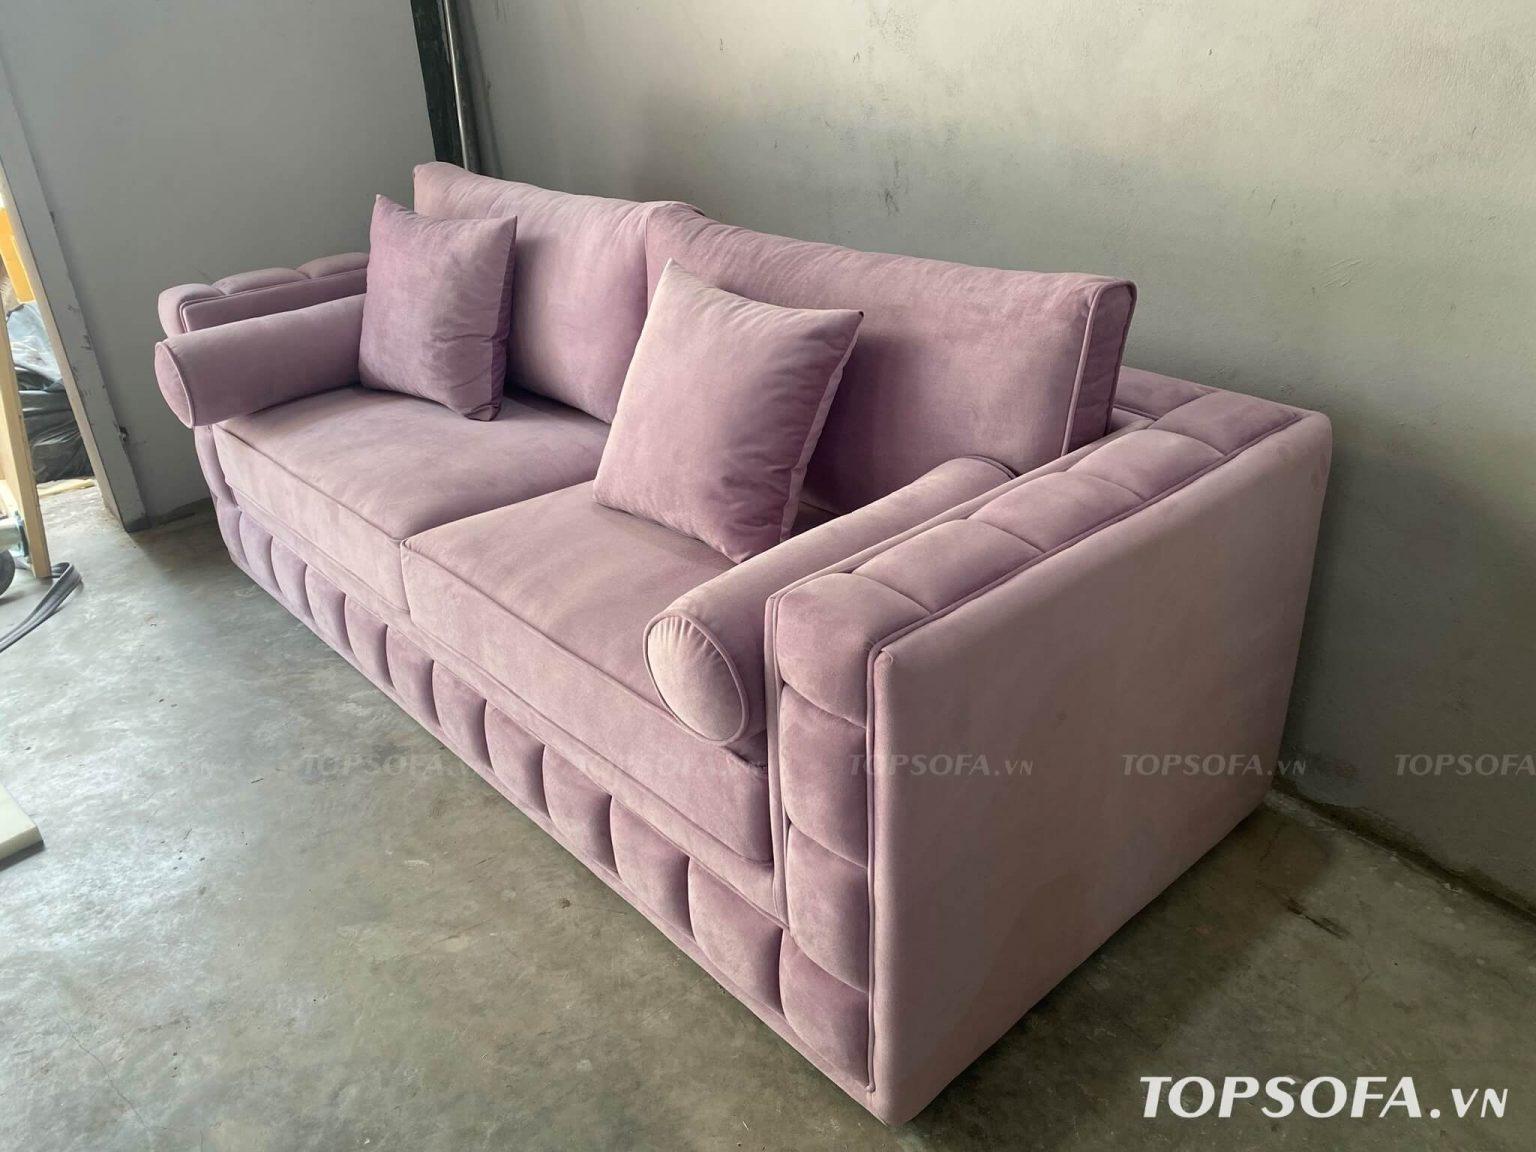 Sofa văng nỉ TS328 thiết kế không chân